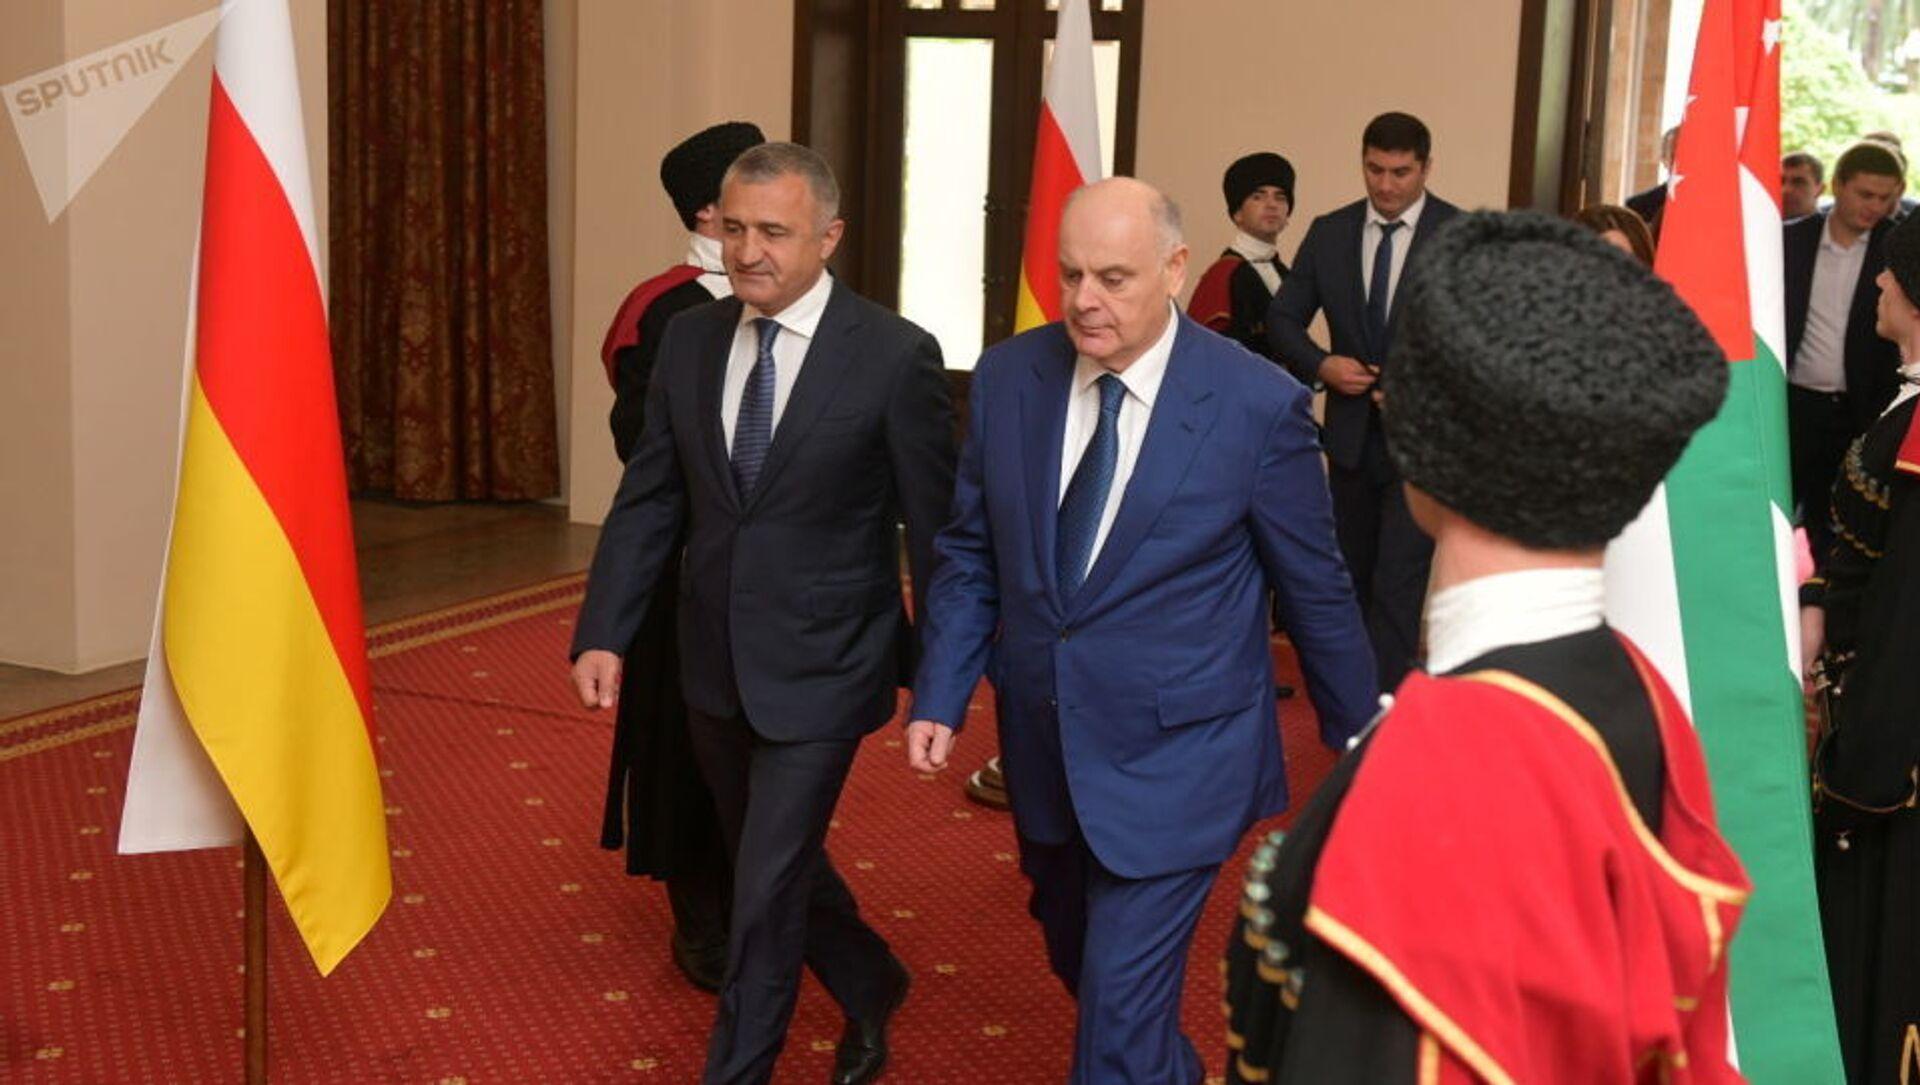 Встреча президентов Абхазии и Южной Осетии состоялась в Сухуме - Sputnik Южная Осетия, 1920, 30.09.2021